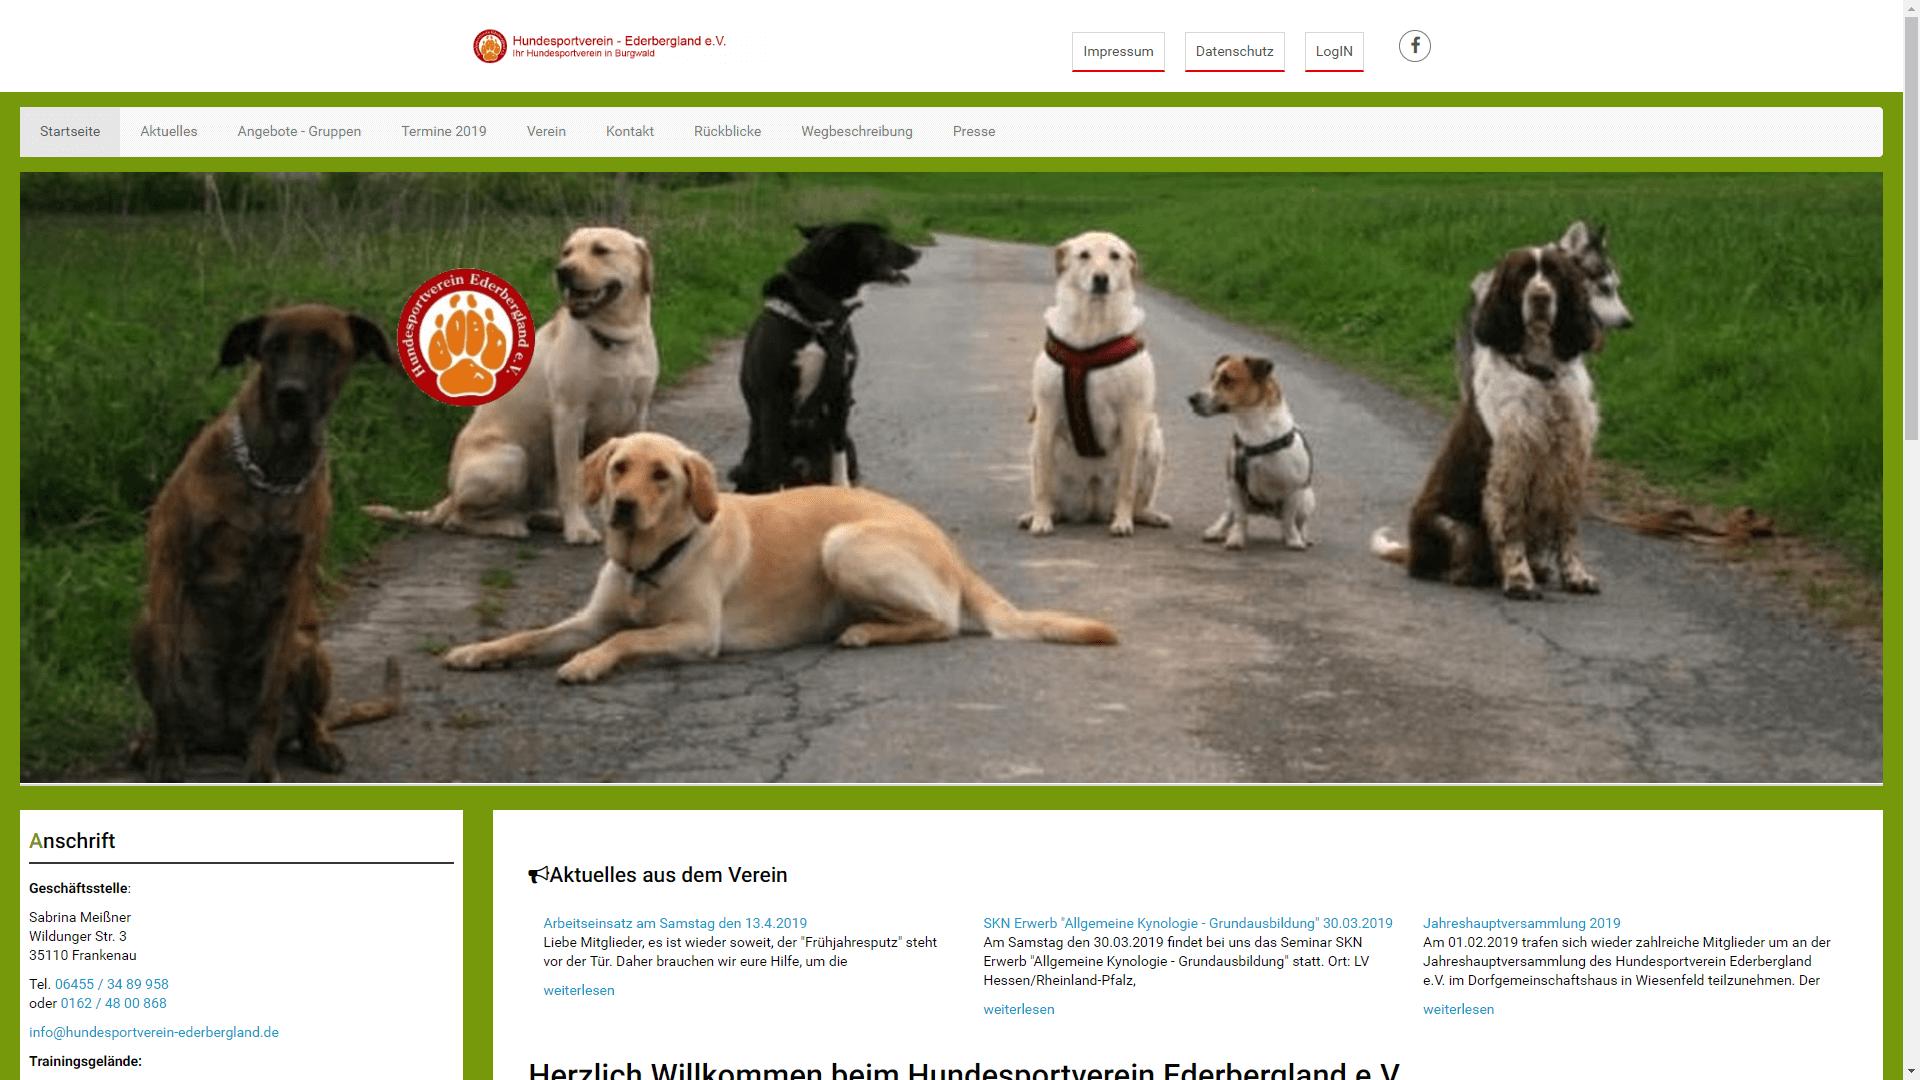 Verein - Hundesportverein Ederbergland e.V.